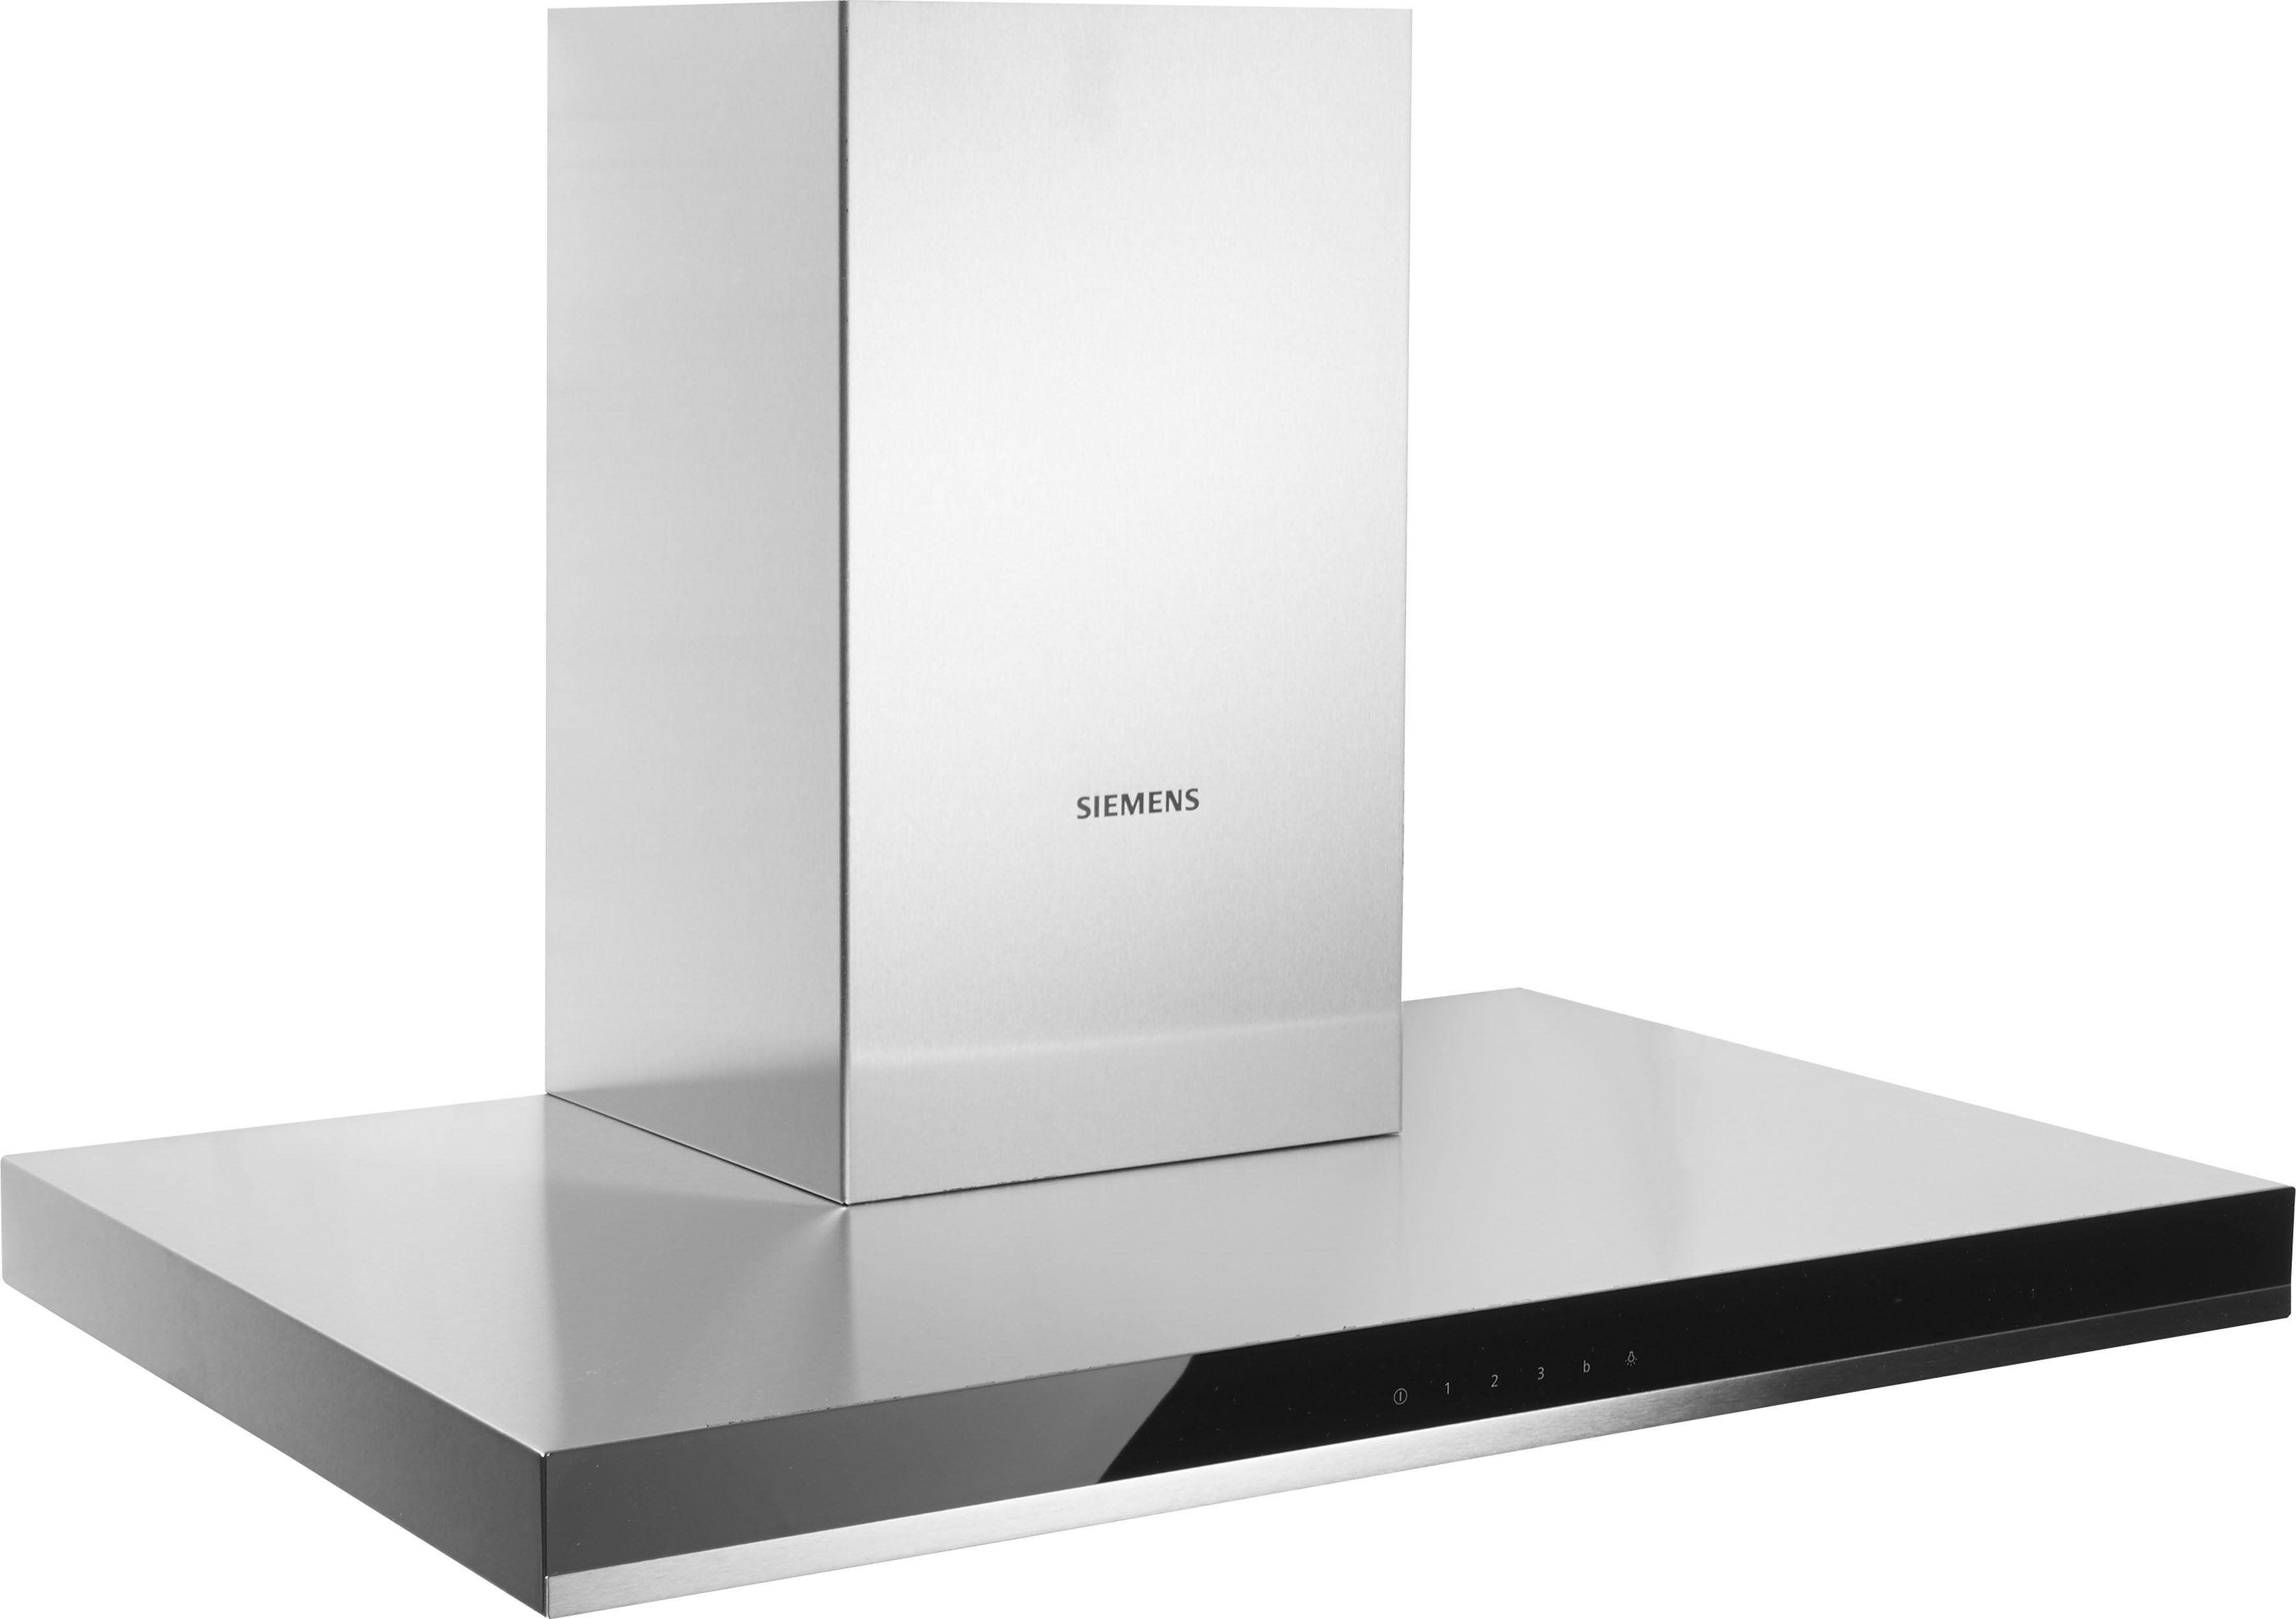 Siemens Wandhaube Serie iQ300 LC77BHM50, Energieeffizienzklasse B